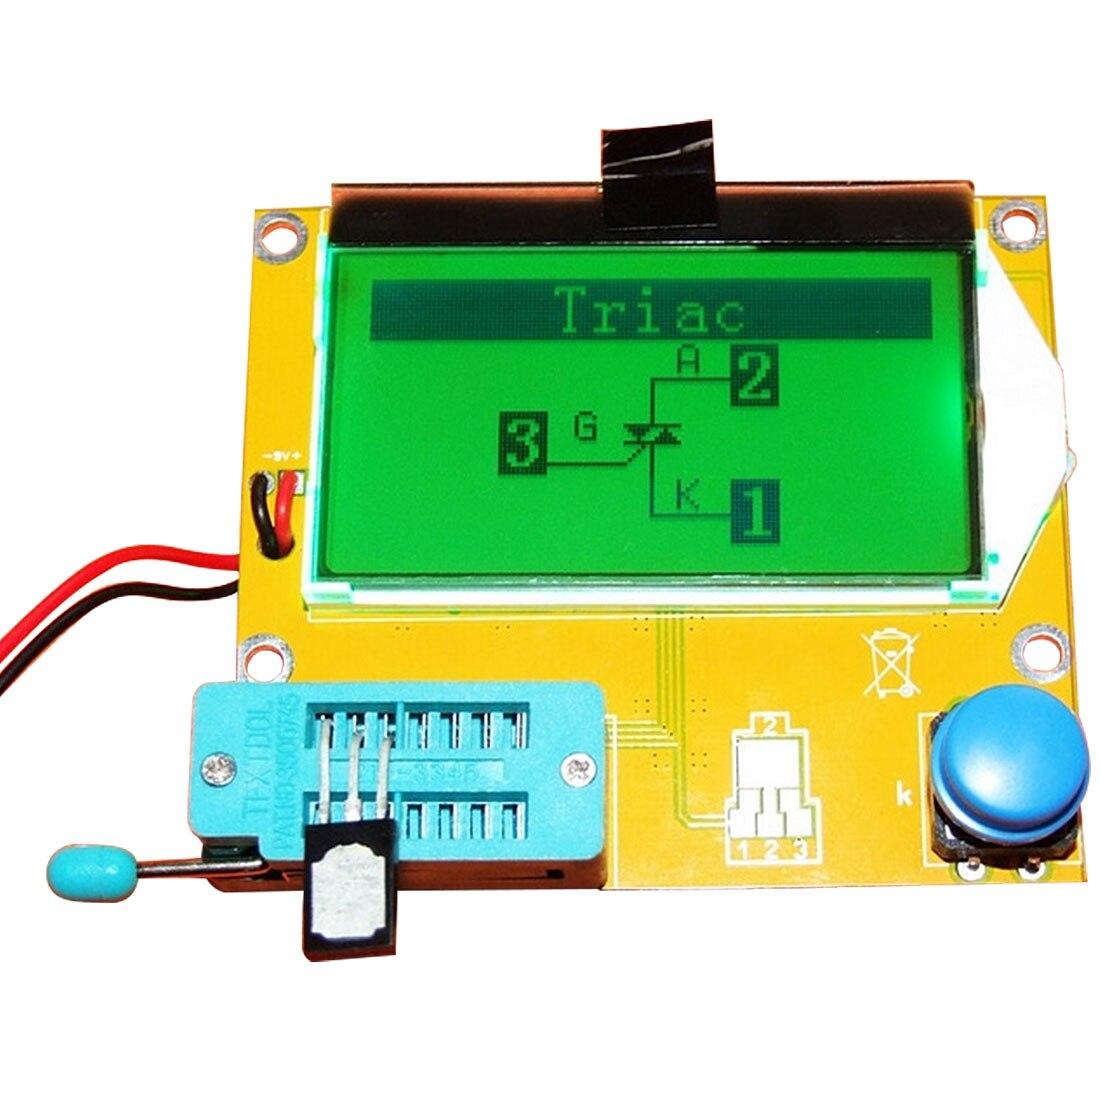 ESR-T4 Mega328 Digital Transistor Tester Diode Triode Capacitance ESR Meter MOS/PNP/NPN LCR 12864 9V LCD Screen